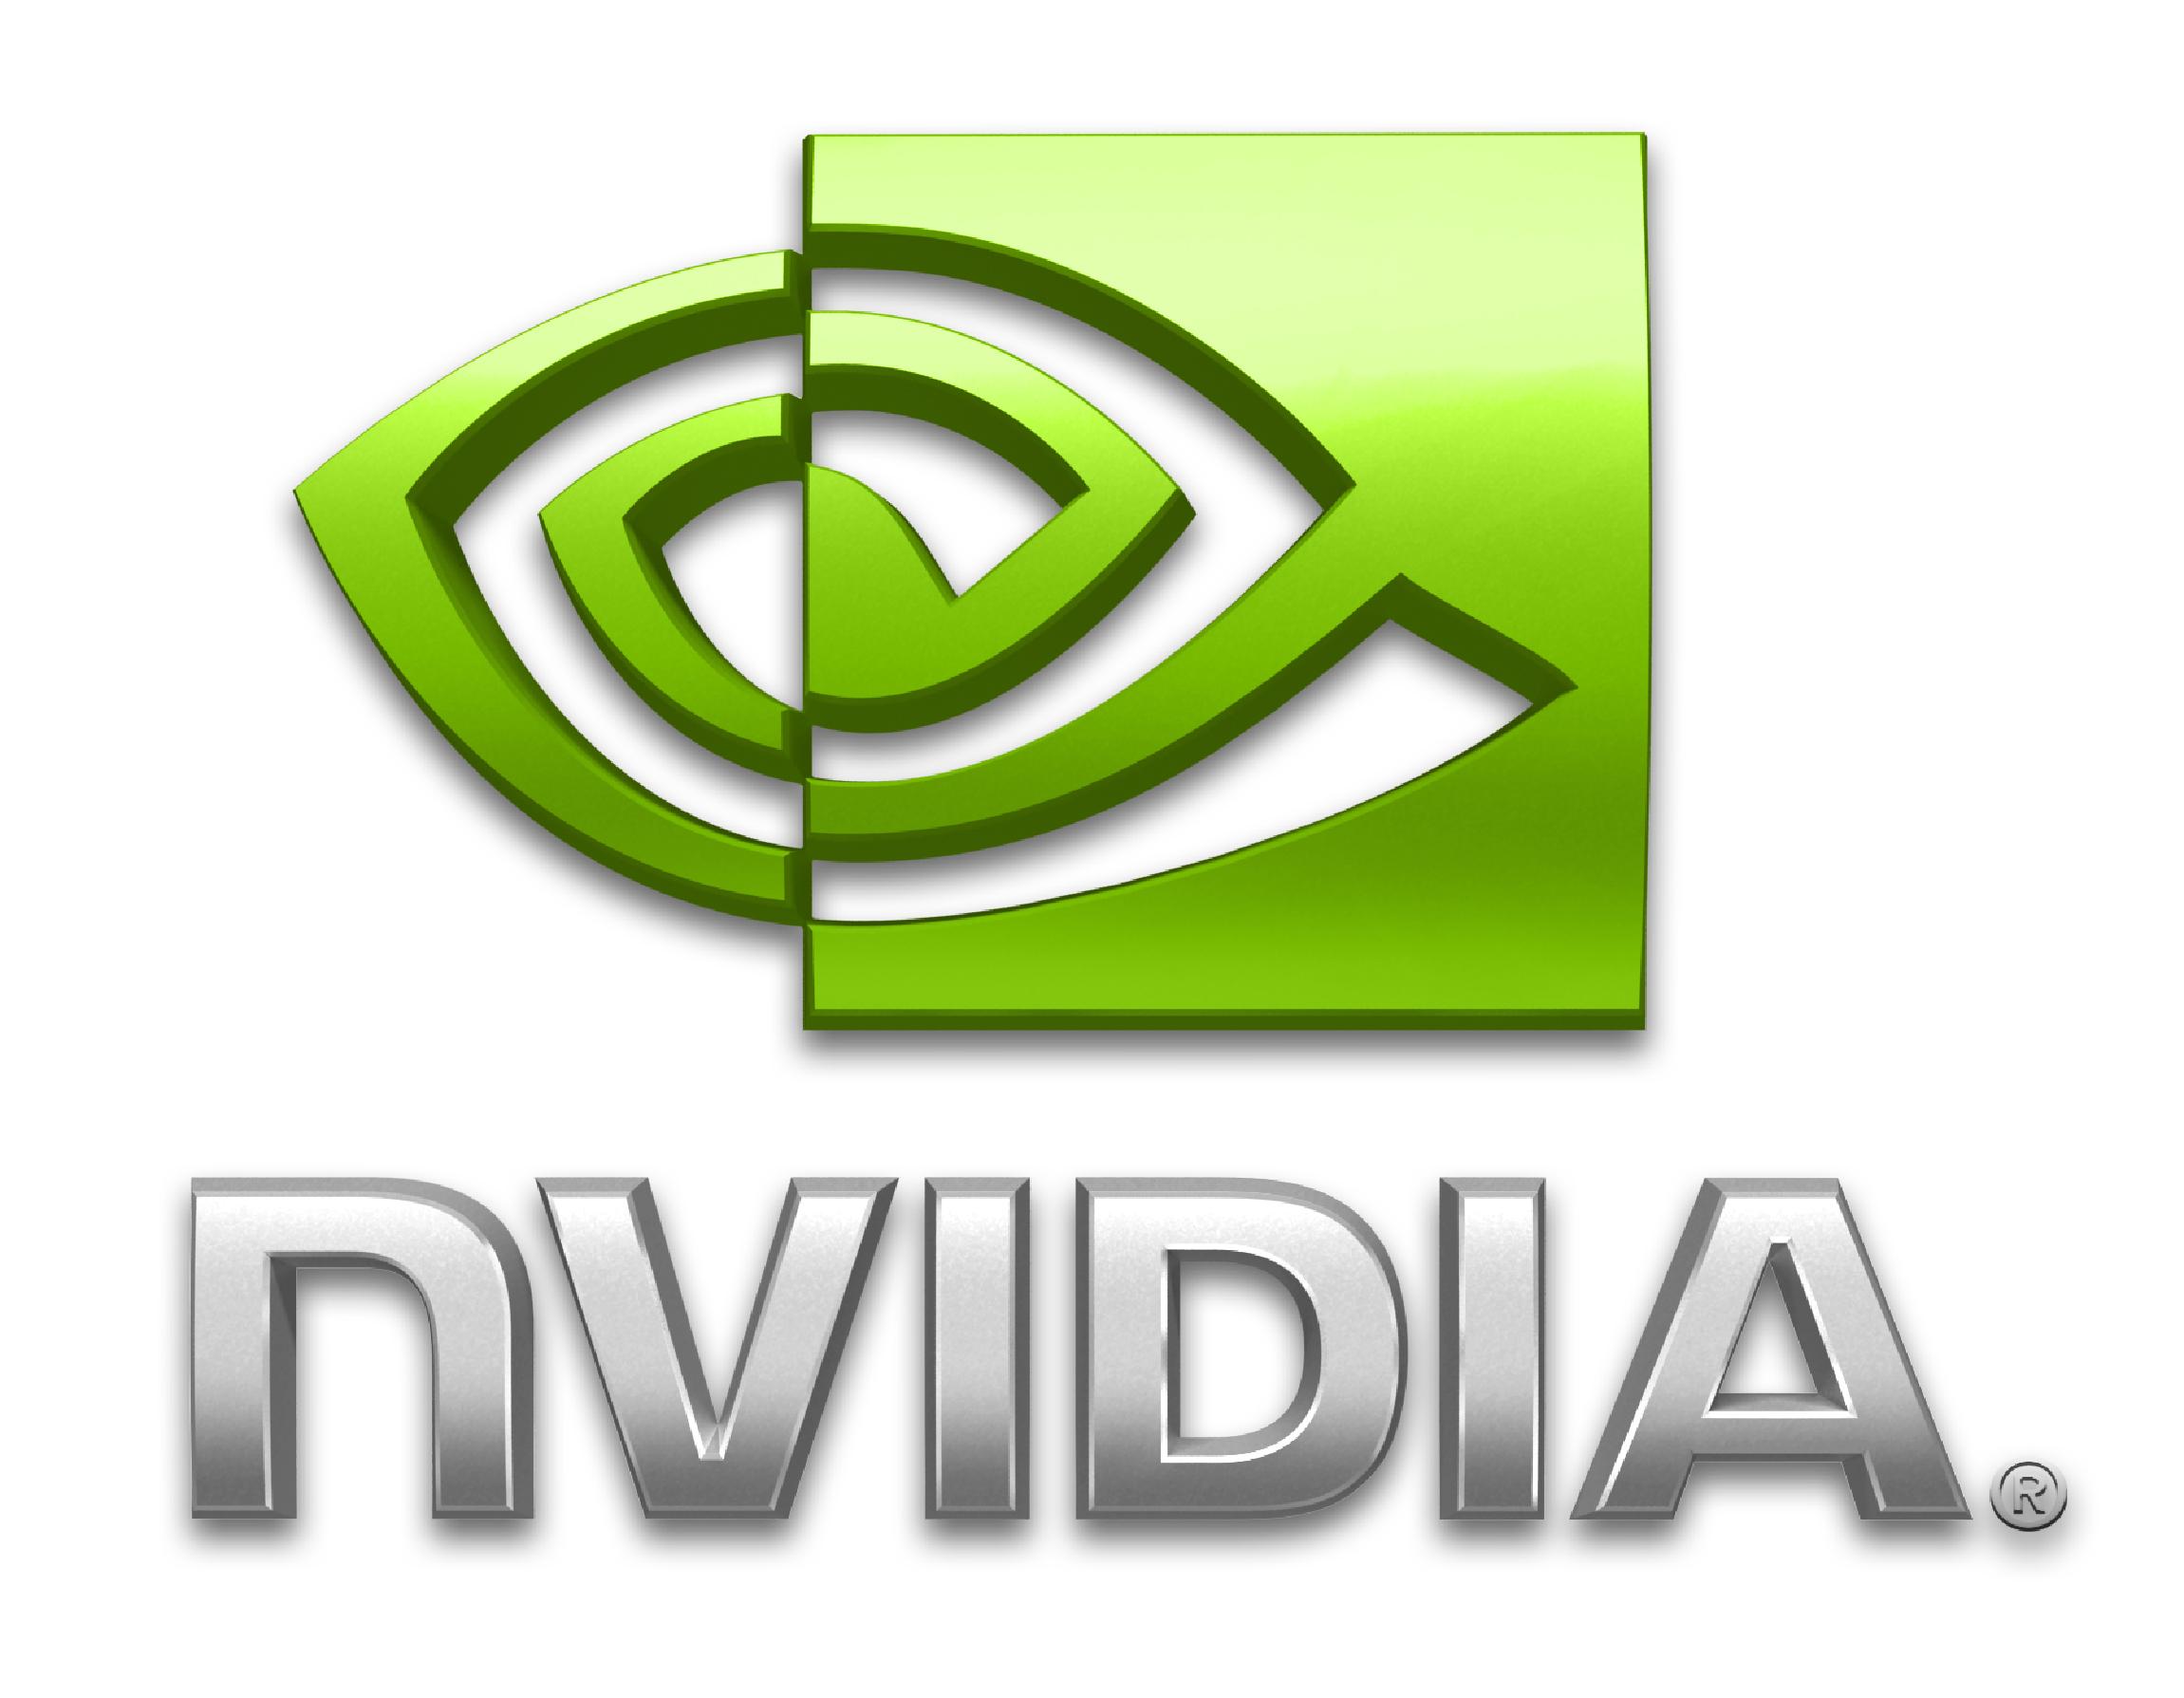 GeForce GTX 980 заимеет 2048 ядер CUDA и будет стоить 600$GeForce GTX 960 поступит в продажу в октяб - Изображение 1